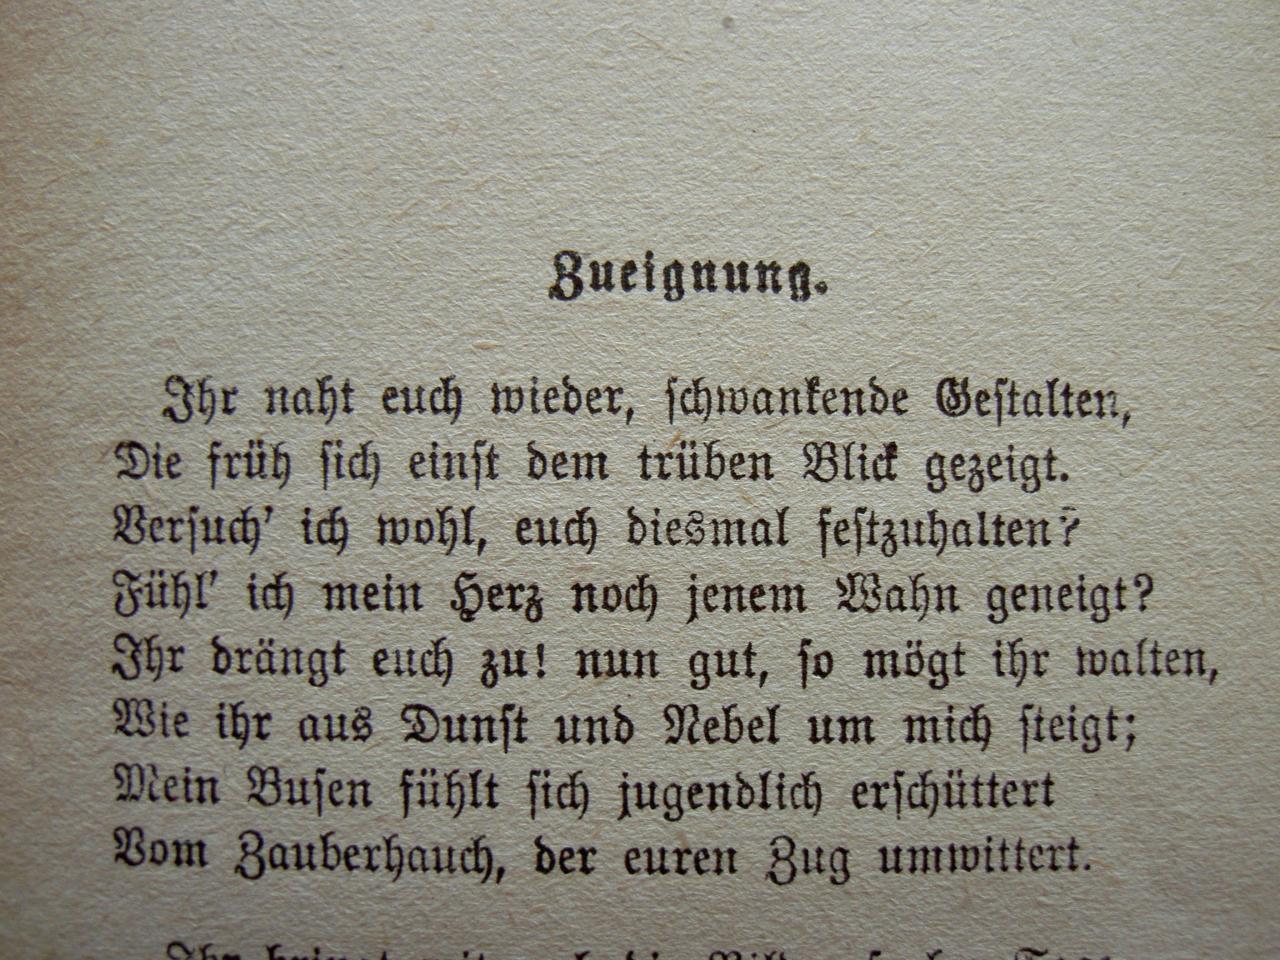 Lateinische Zitate Vergangenheit